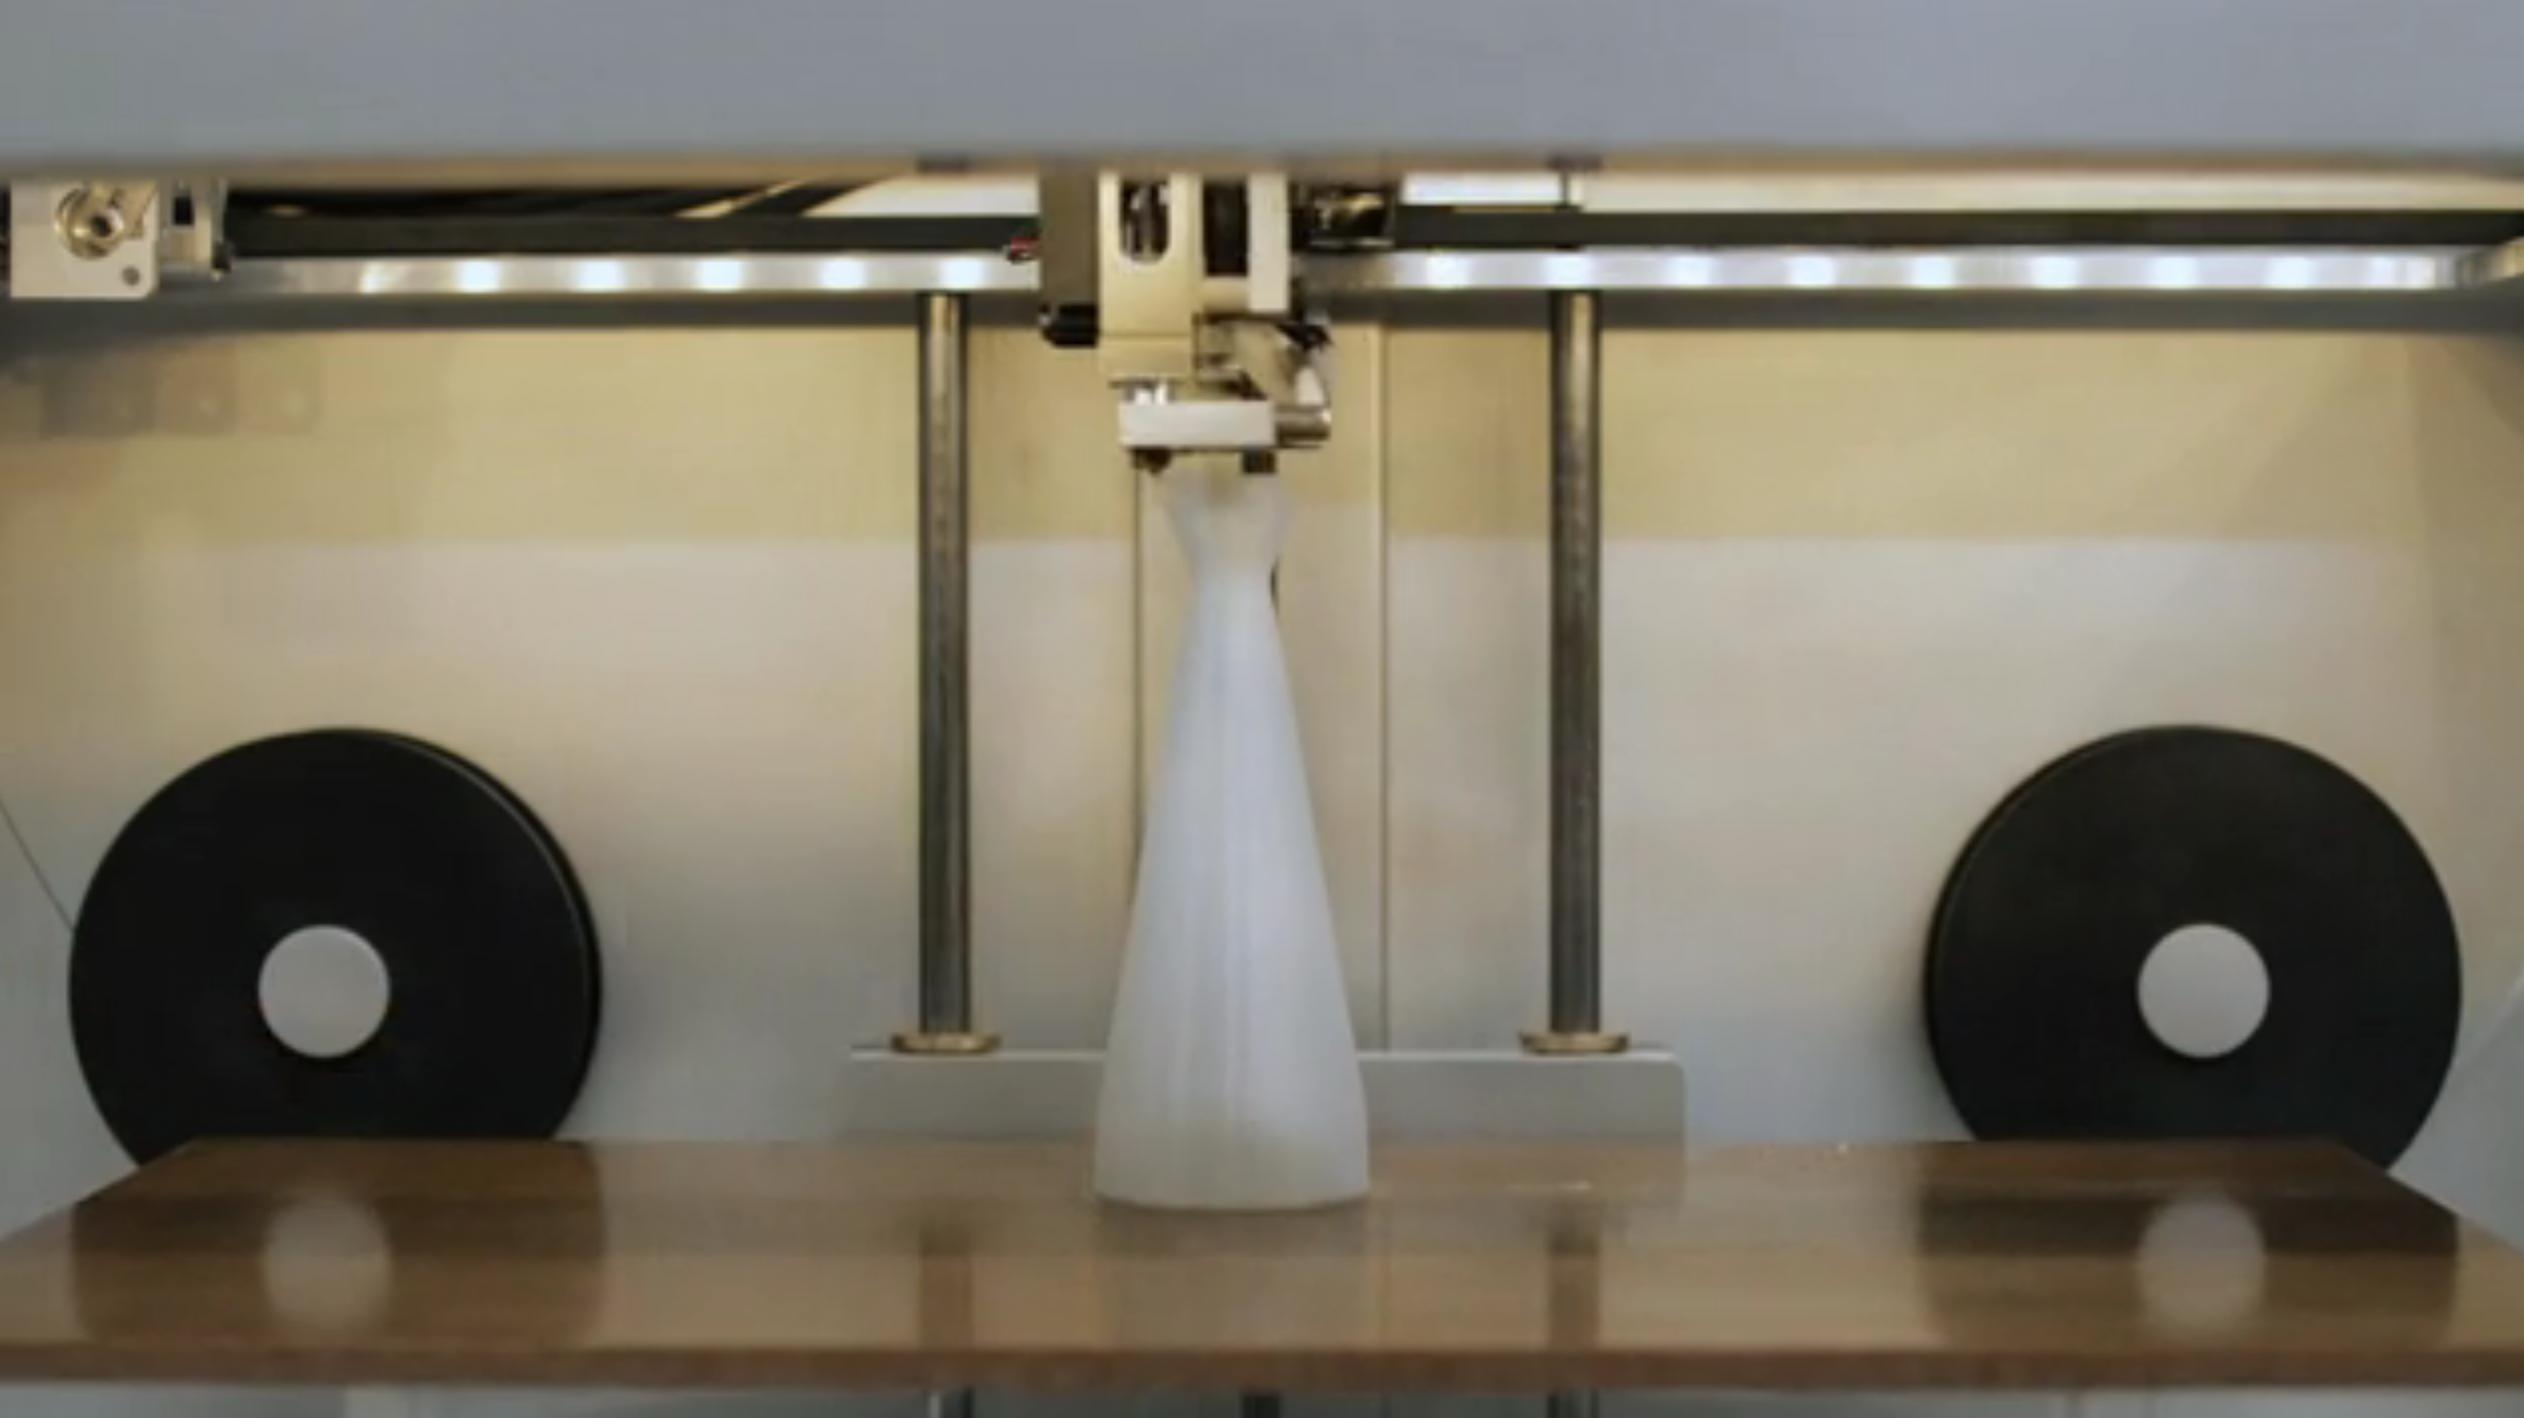 Der 3D-Drucker Mark One kann sogar CFK verarbeiten und könnte damit besonders beanspruchte Bauteile für die Autoindustrie und Luftfahrt herstellen. Auch Prothesen könnten künftig aus dem Drucker kommen.